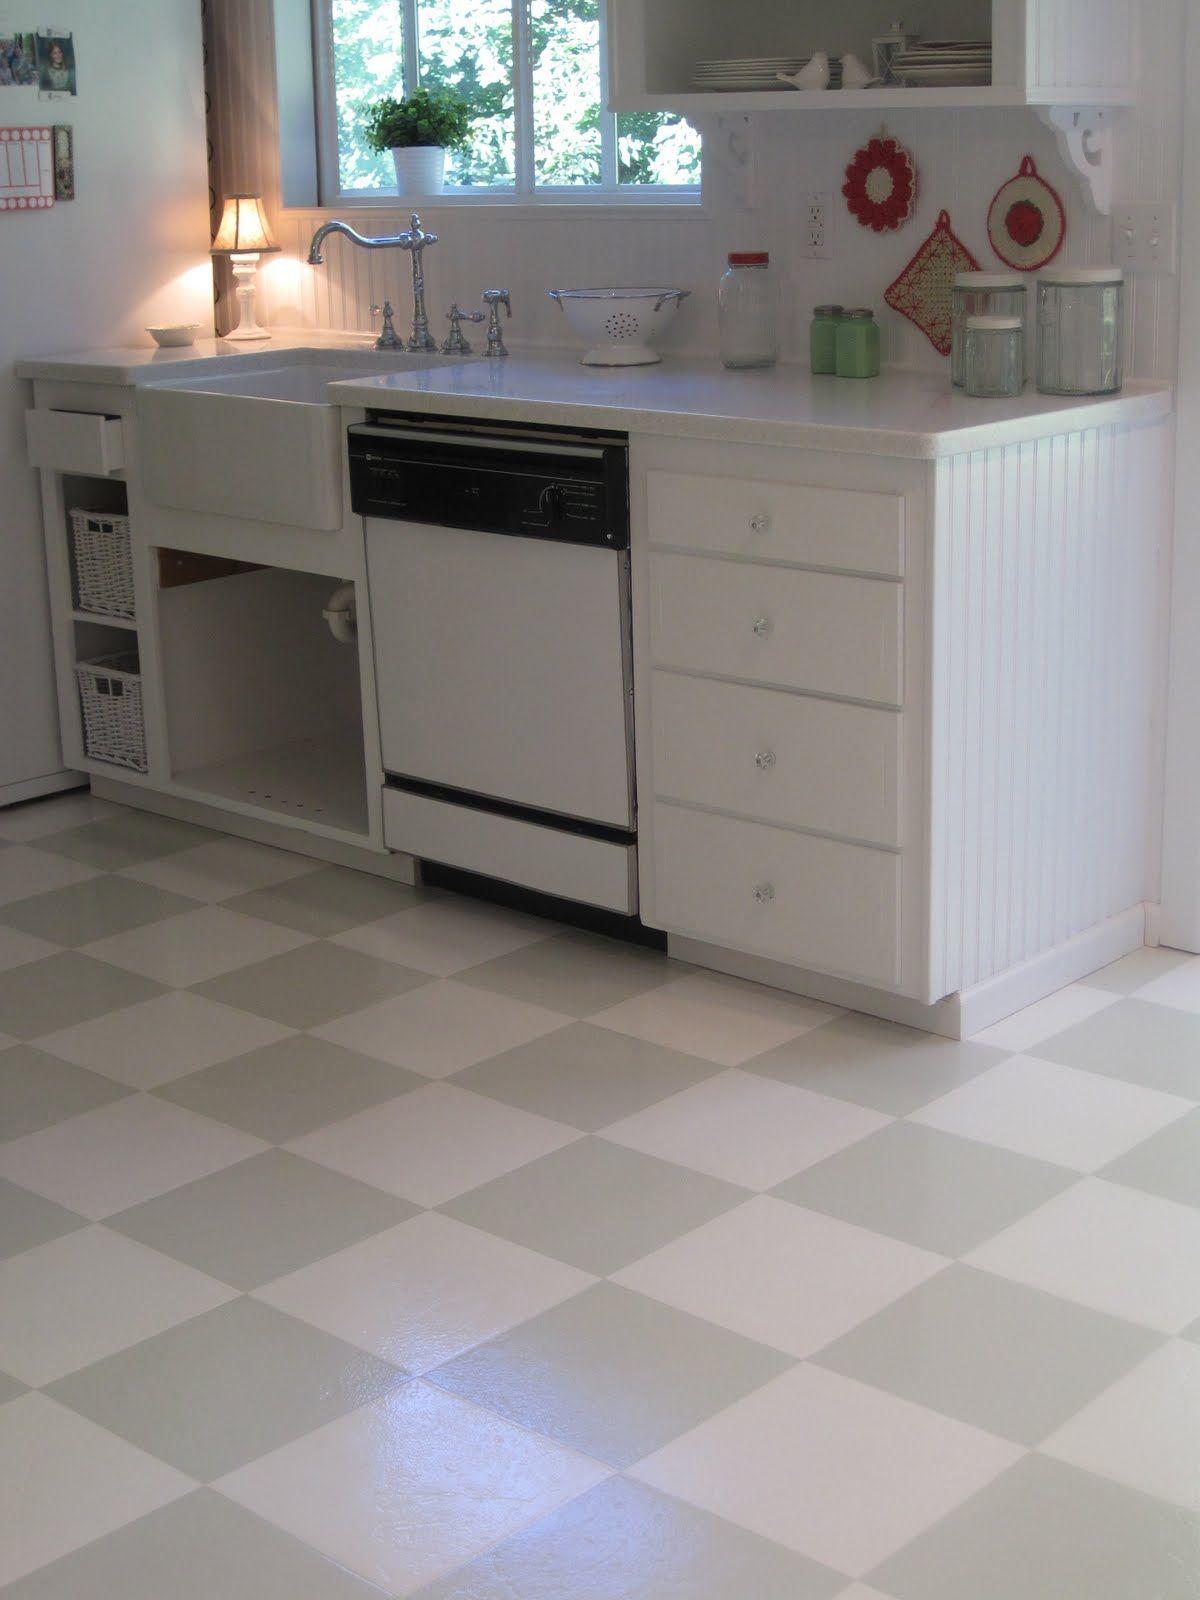 Kitchen Floor  Checkerboard  Kitchen  Pinterest  Kitchen Endearing Vinyl Flooring Kitchen Decorating Design